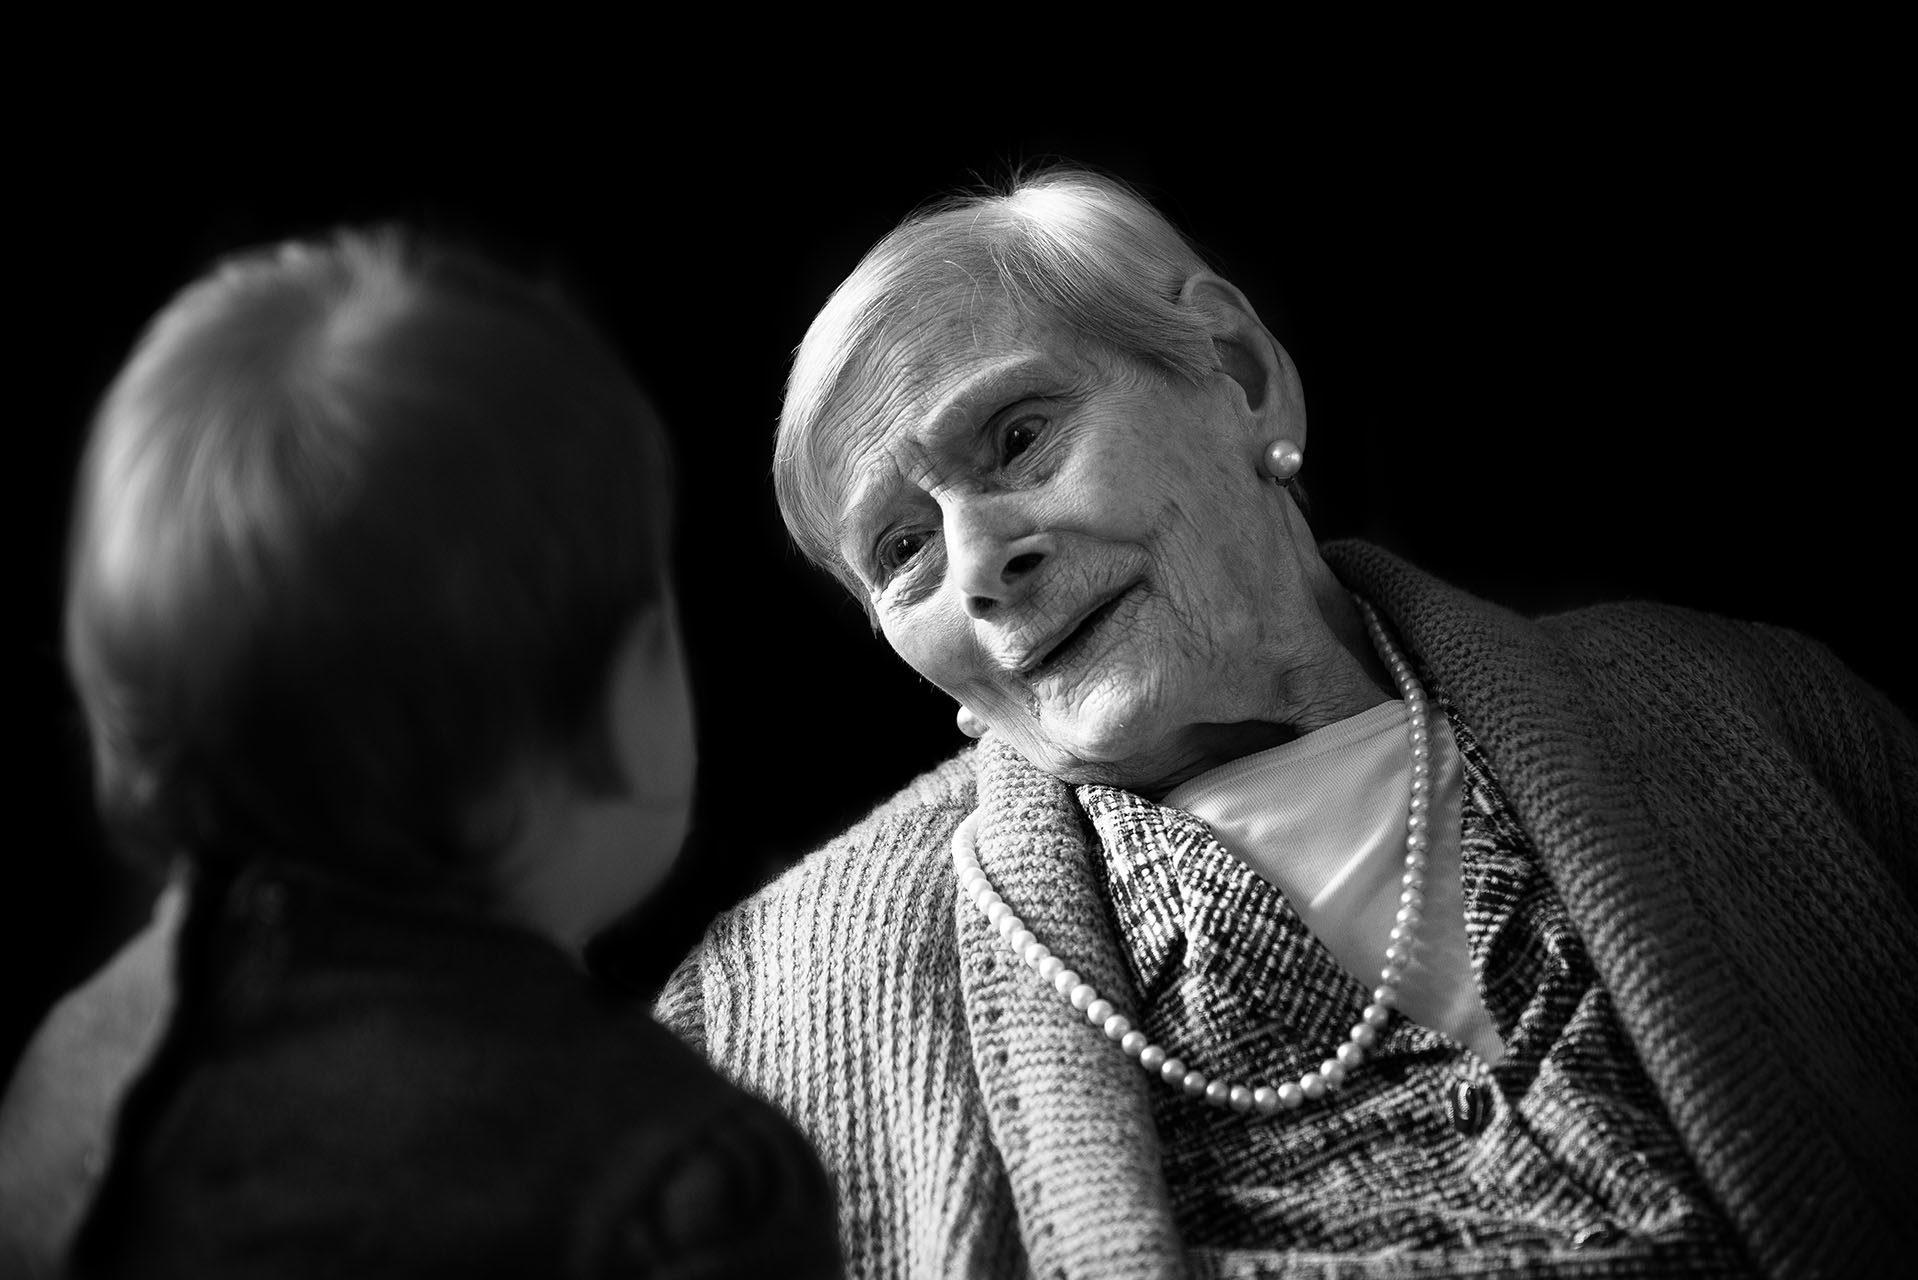 photographe-portraits-projet-des-centenaires-et-des-roses-residence-jean-23-ile-de-france-maya-angelsen